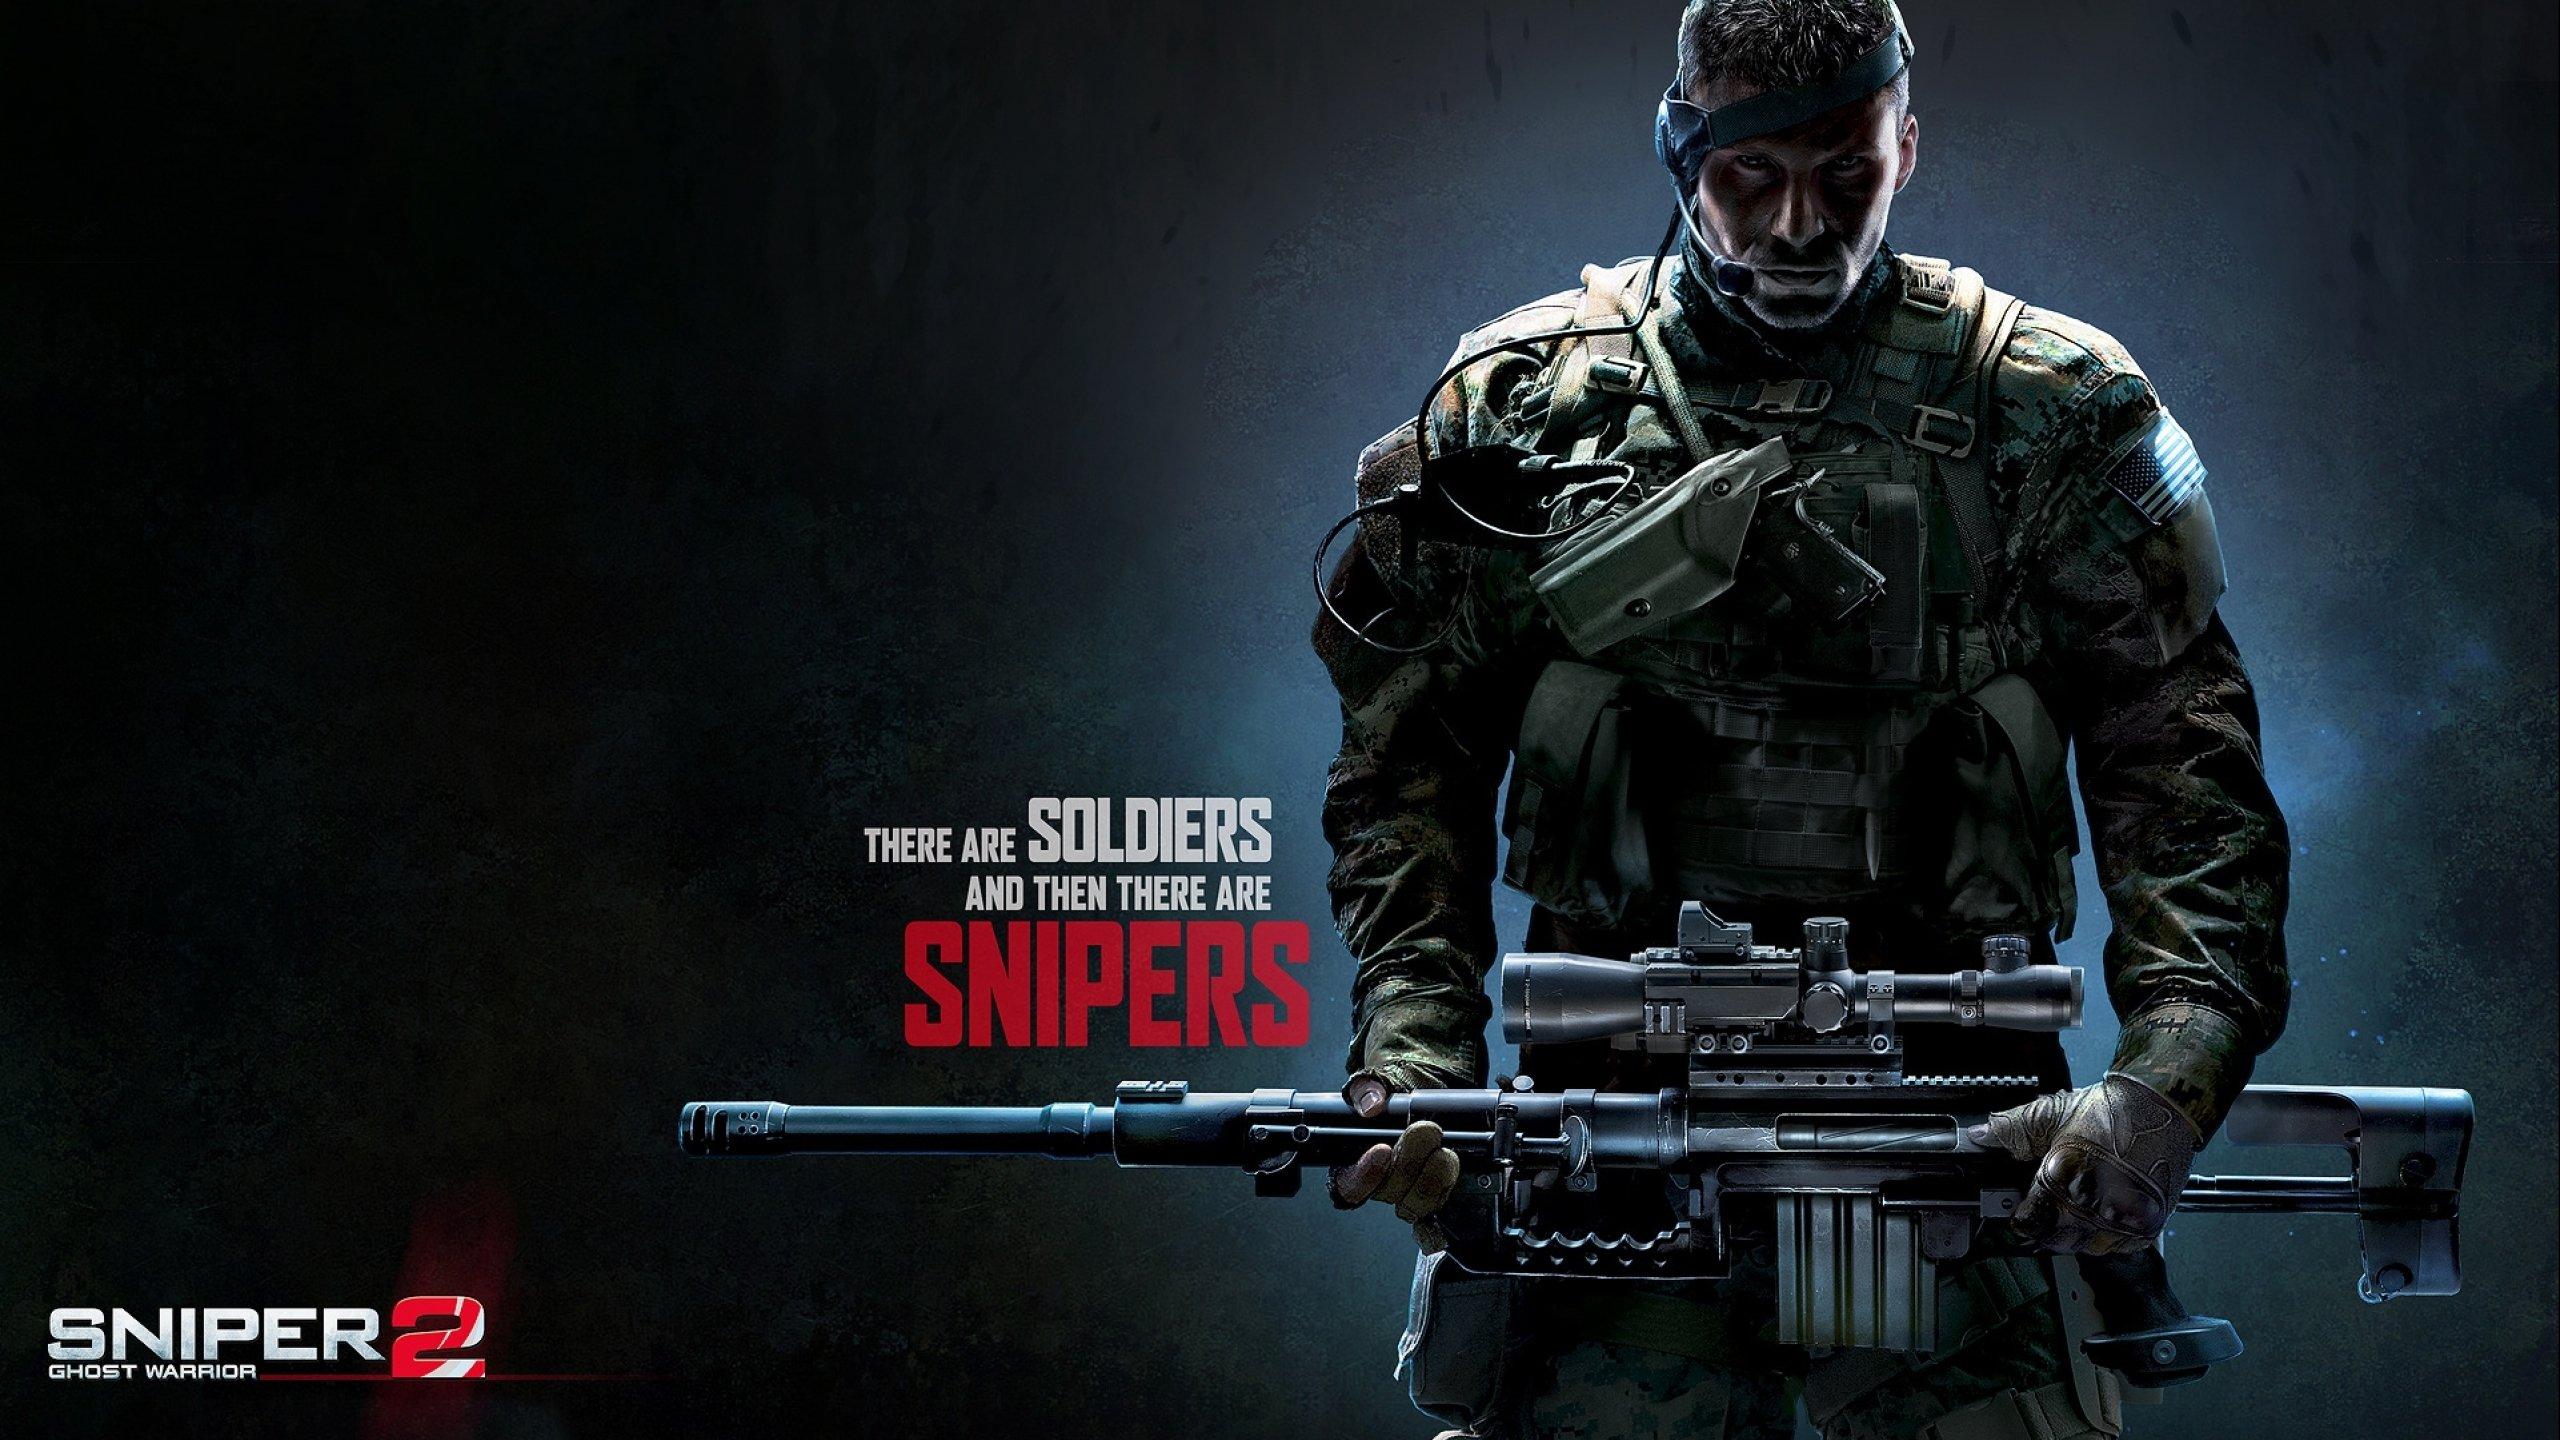 фильмы смотреть онлайн в хорошем качестве снайпер